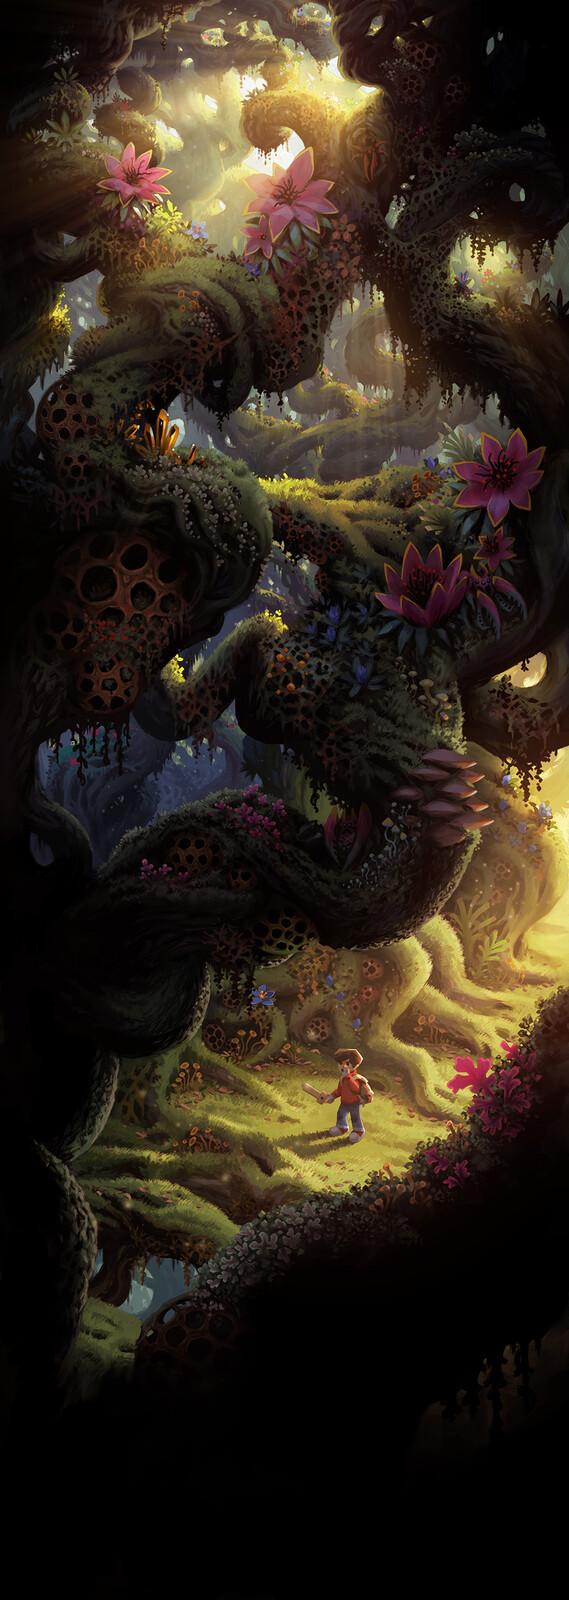 The Wormworld Saga - Chapter 3, Panel 1